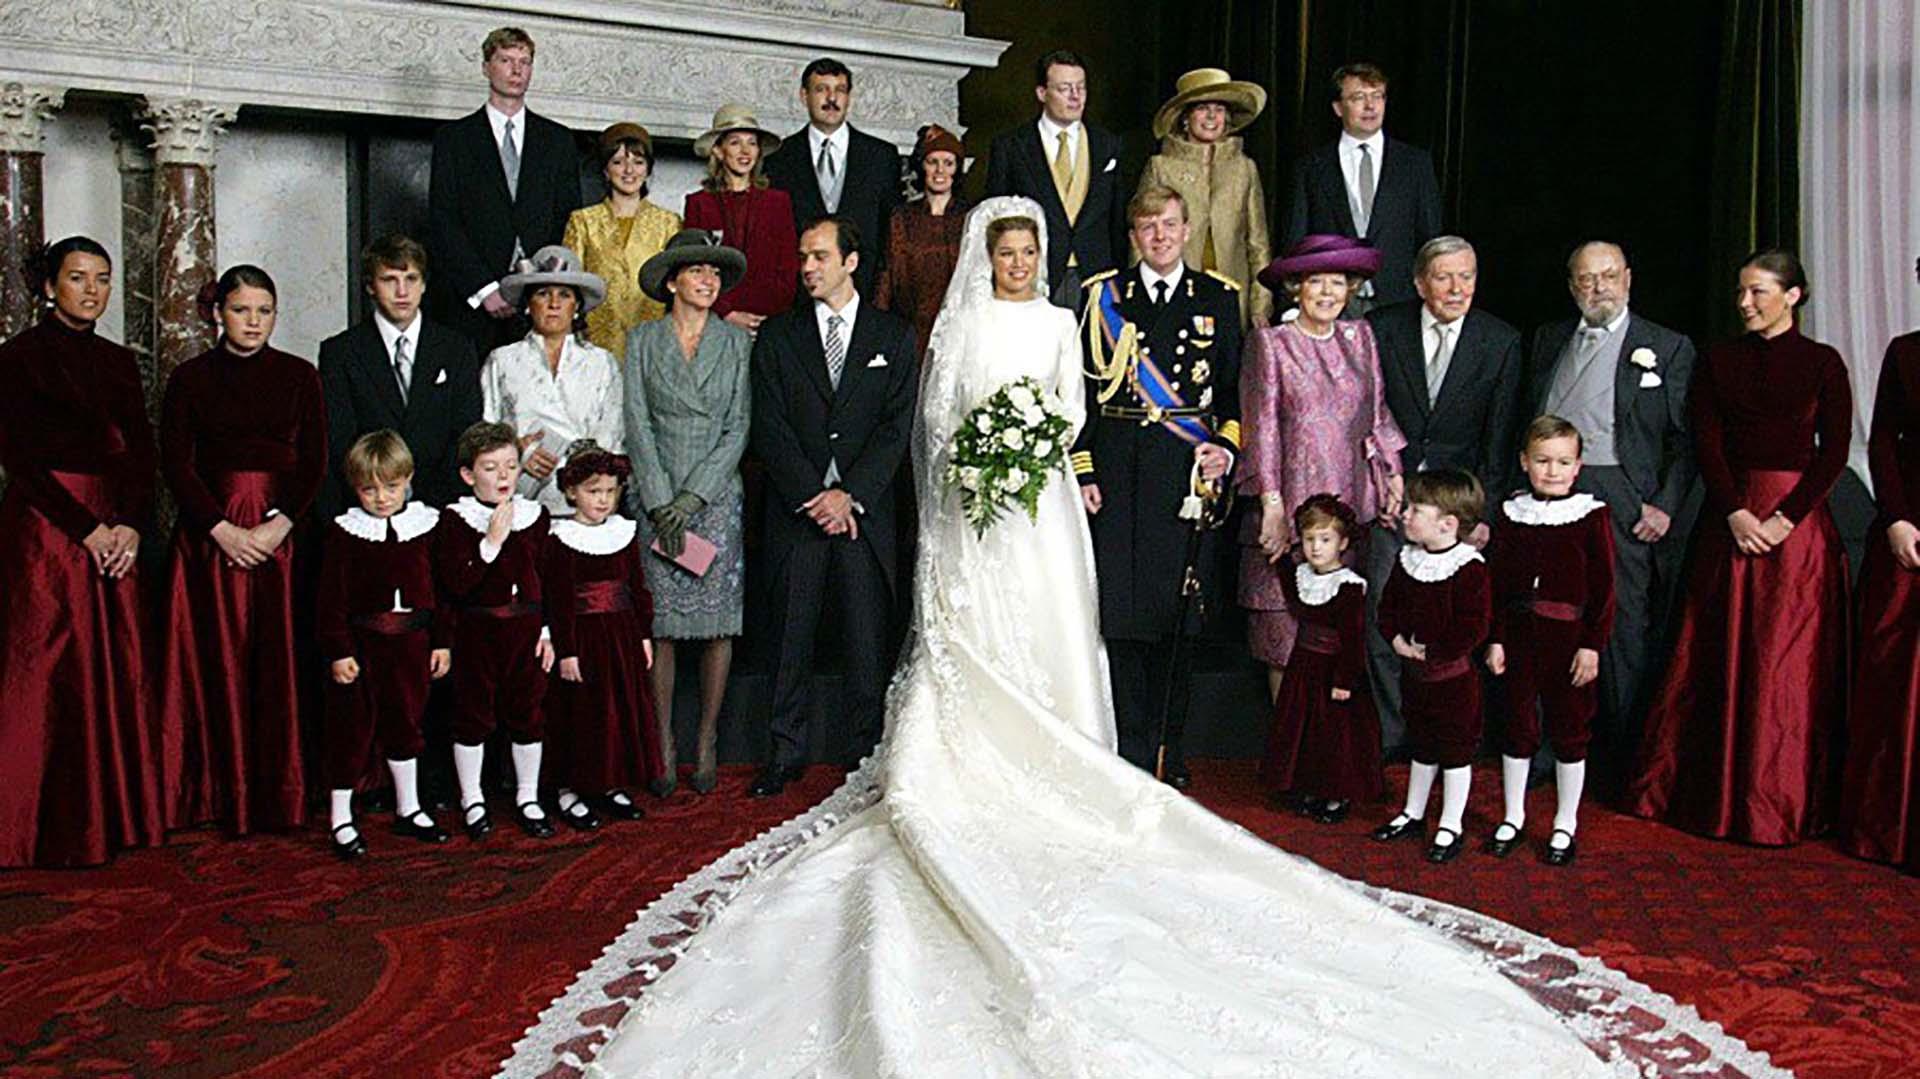 En lafoto oficial, Inés se paró junto a su hermano Juan. Jorge Zorreguieta no pudo asistir a la boda de su hija por haber ocupado el cargo de secretario de Agricultura y Ganadería durante la dictadura militar (AFP)